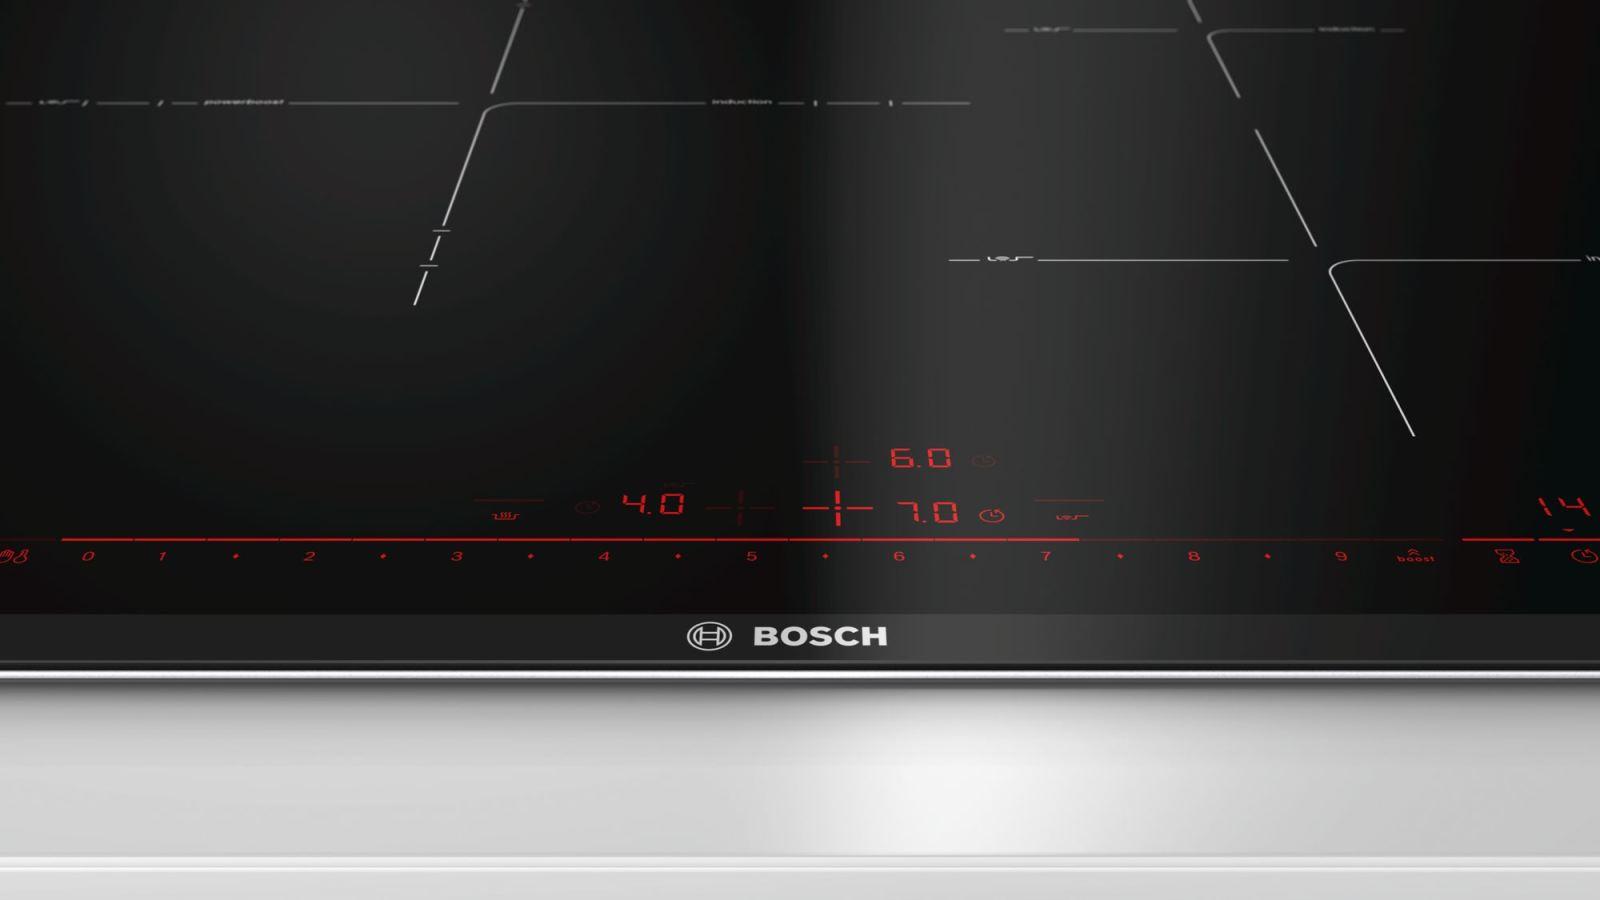 Bosch xịn